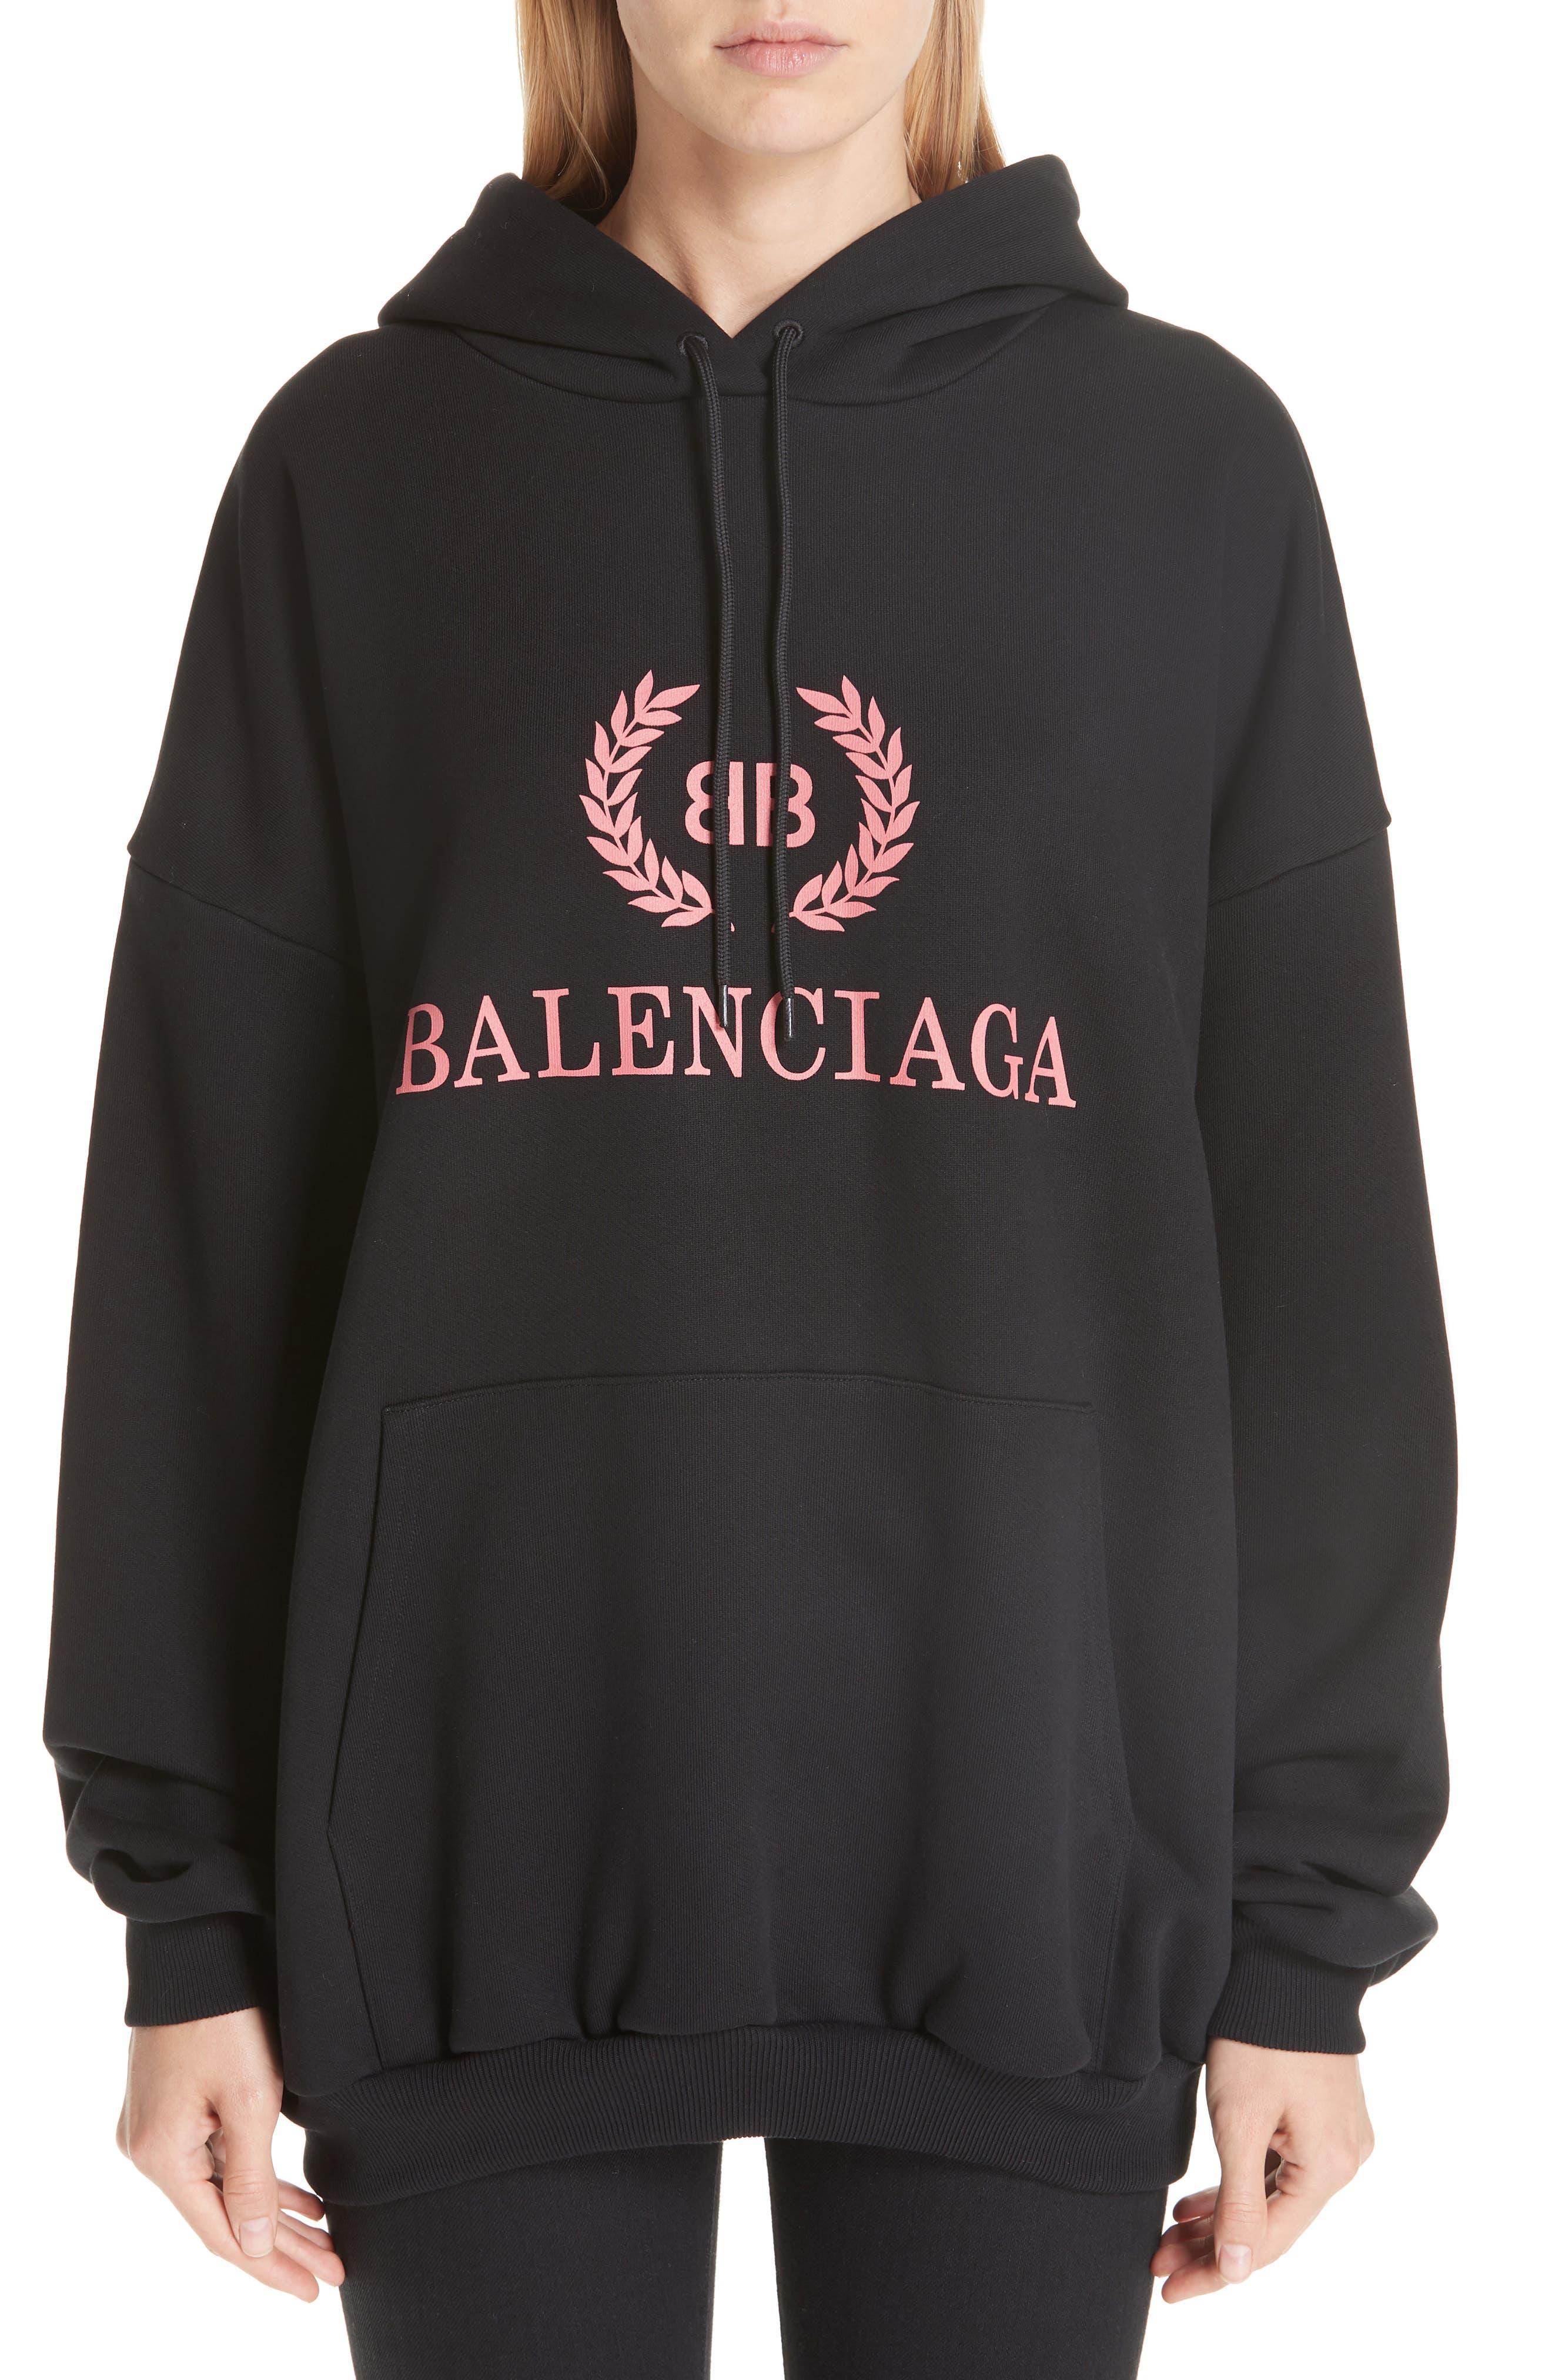 b4541d76a5 Women's Balenciaga Clothing   Nordstrom